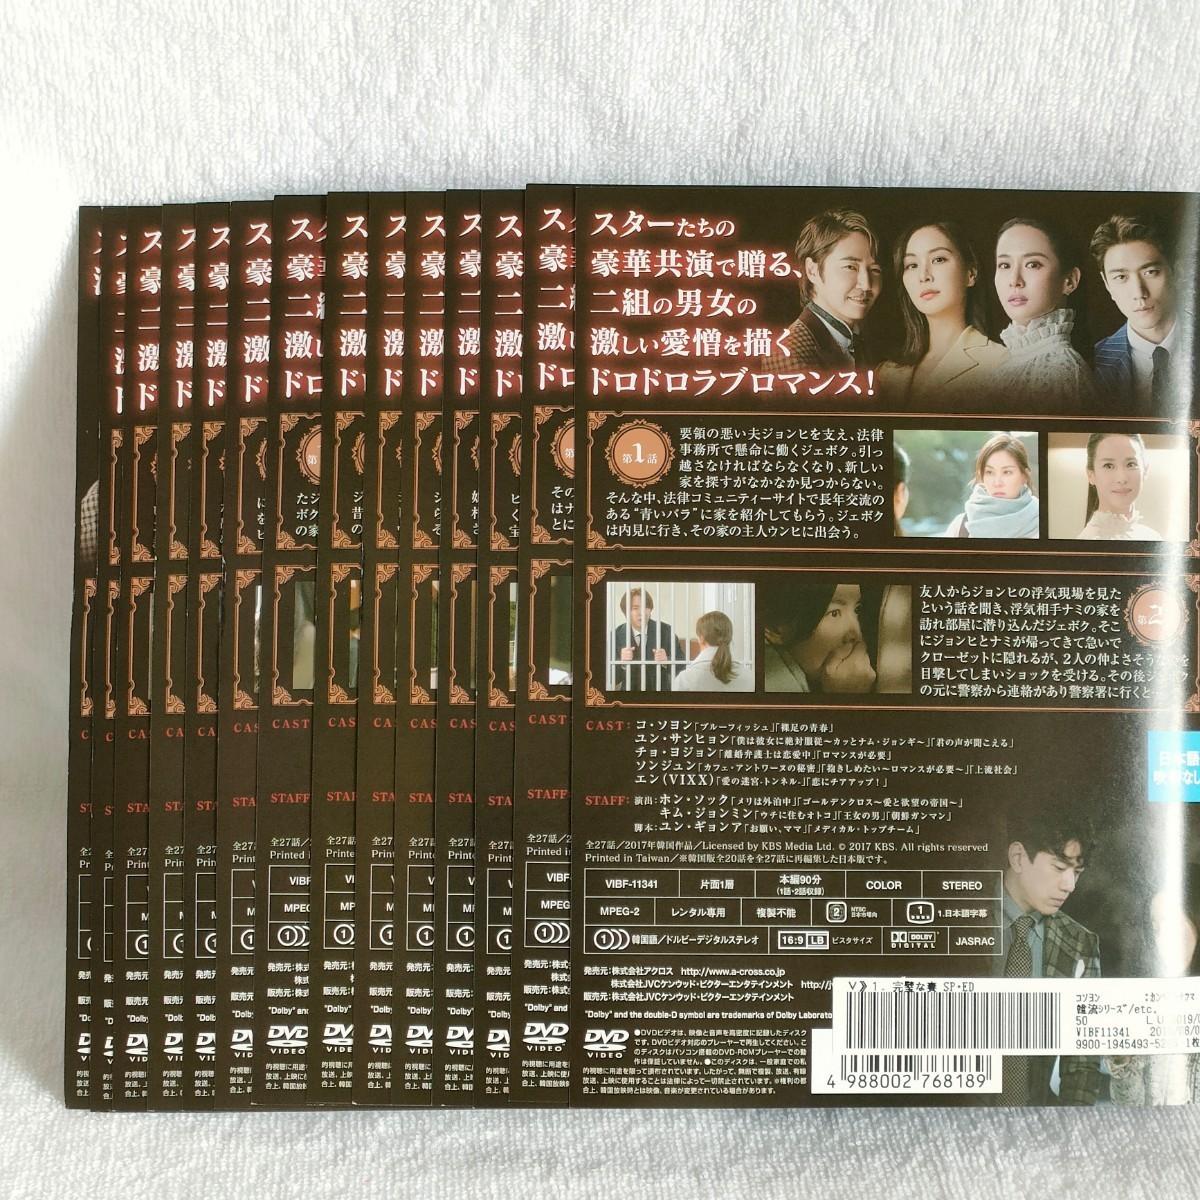 完璧な妻 DVD 韓国ドラマ 全話 コ・ソヨン ユン・サンヒョン チョ・ヨジョン